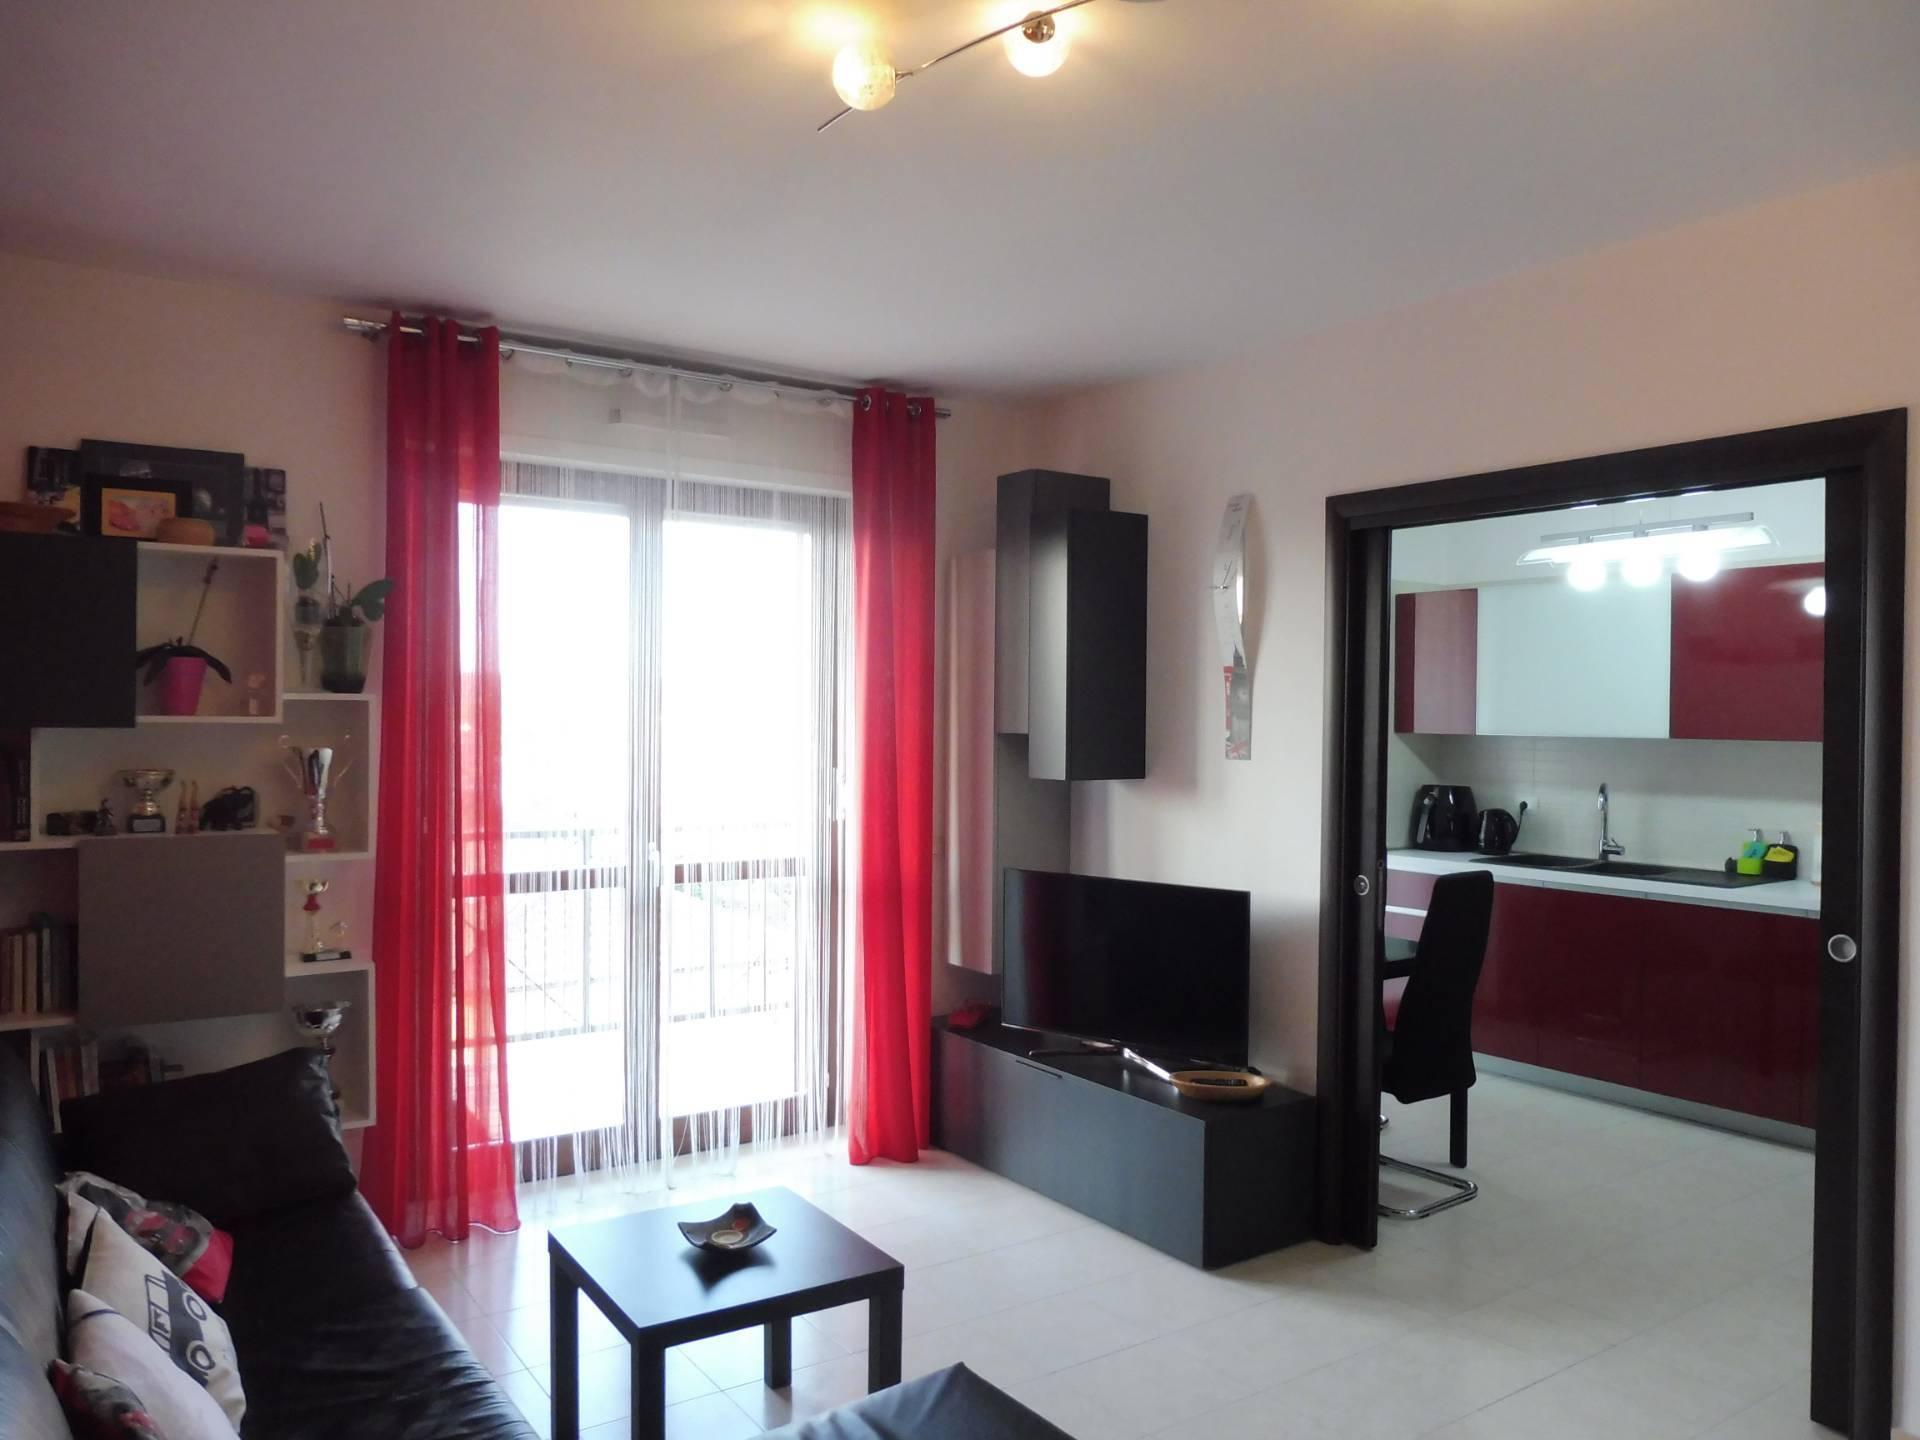 Appartamento in vendita a Orbassano, 3 locali, zona Località: SemiCentro, prezzo € 154.000   CambioCasa.it